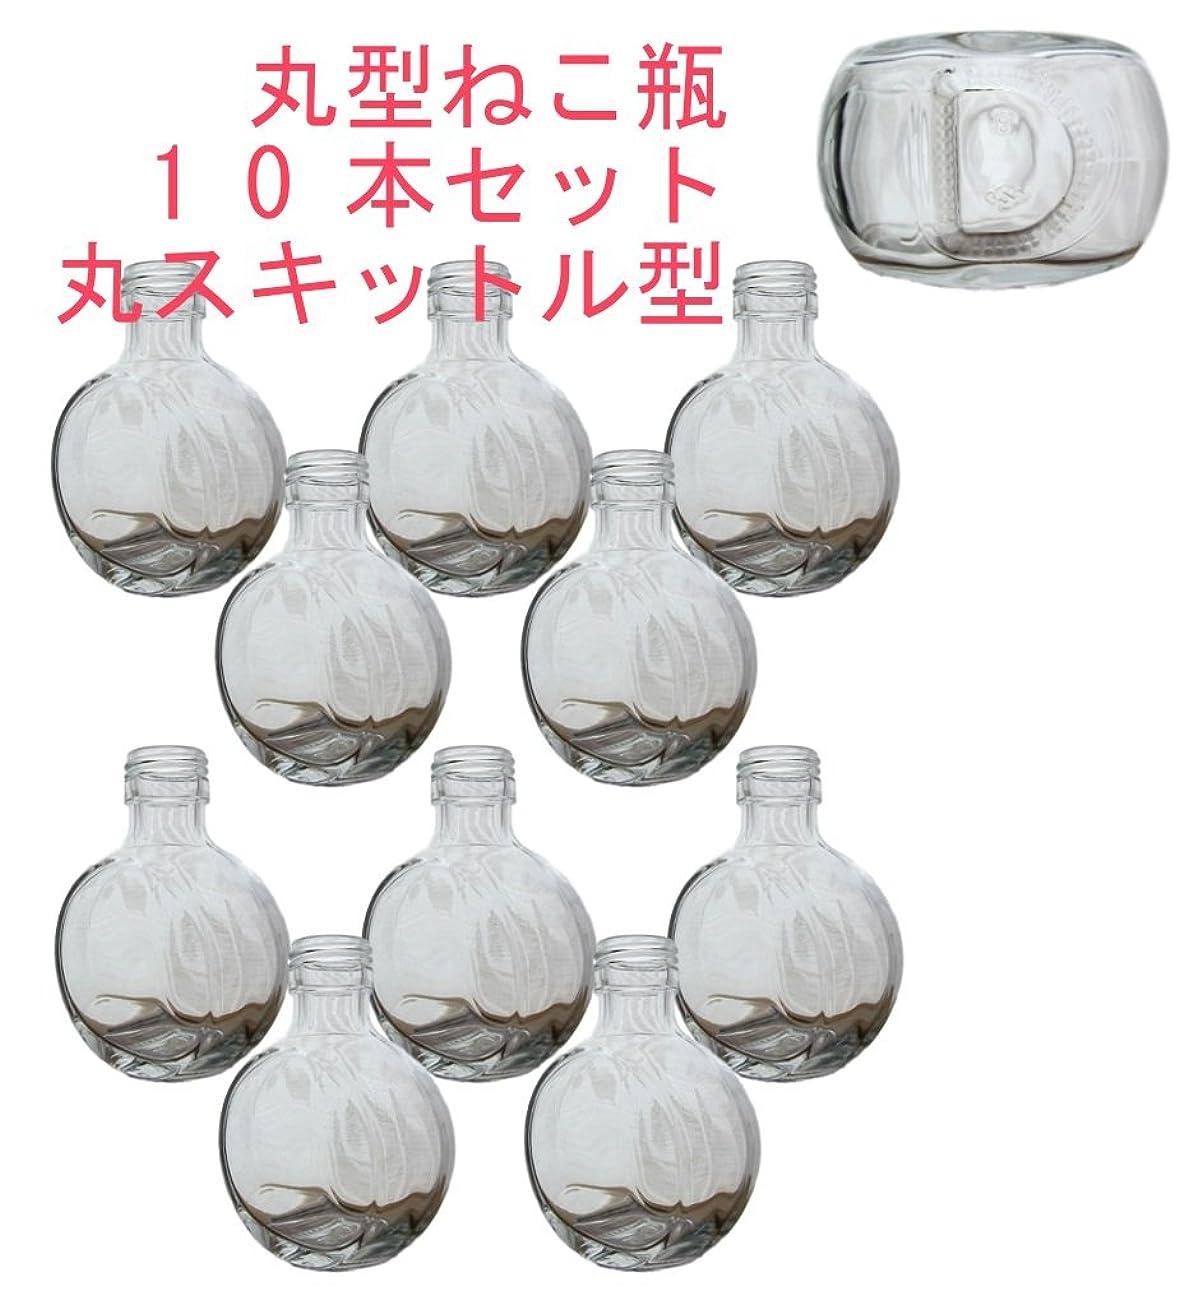 アクセル適応アルバム(ジャストユーズ)JustU's 日本製 キャップ?中栓付きガラス瓶 ねこ瓶 丸スキットル 丸瓶 10本セット 150cc 150ml アロマディフューザー ハーバリウム 調味料 オイル タレ ドレッシング瓶 ポリ栓付き B10-SSW150A-A